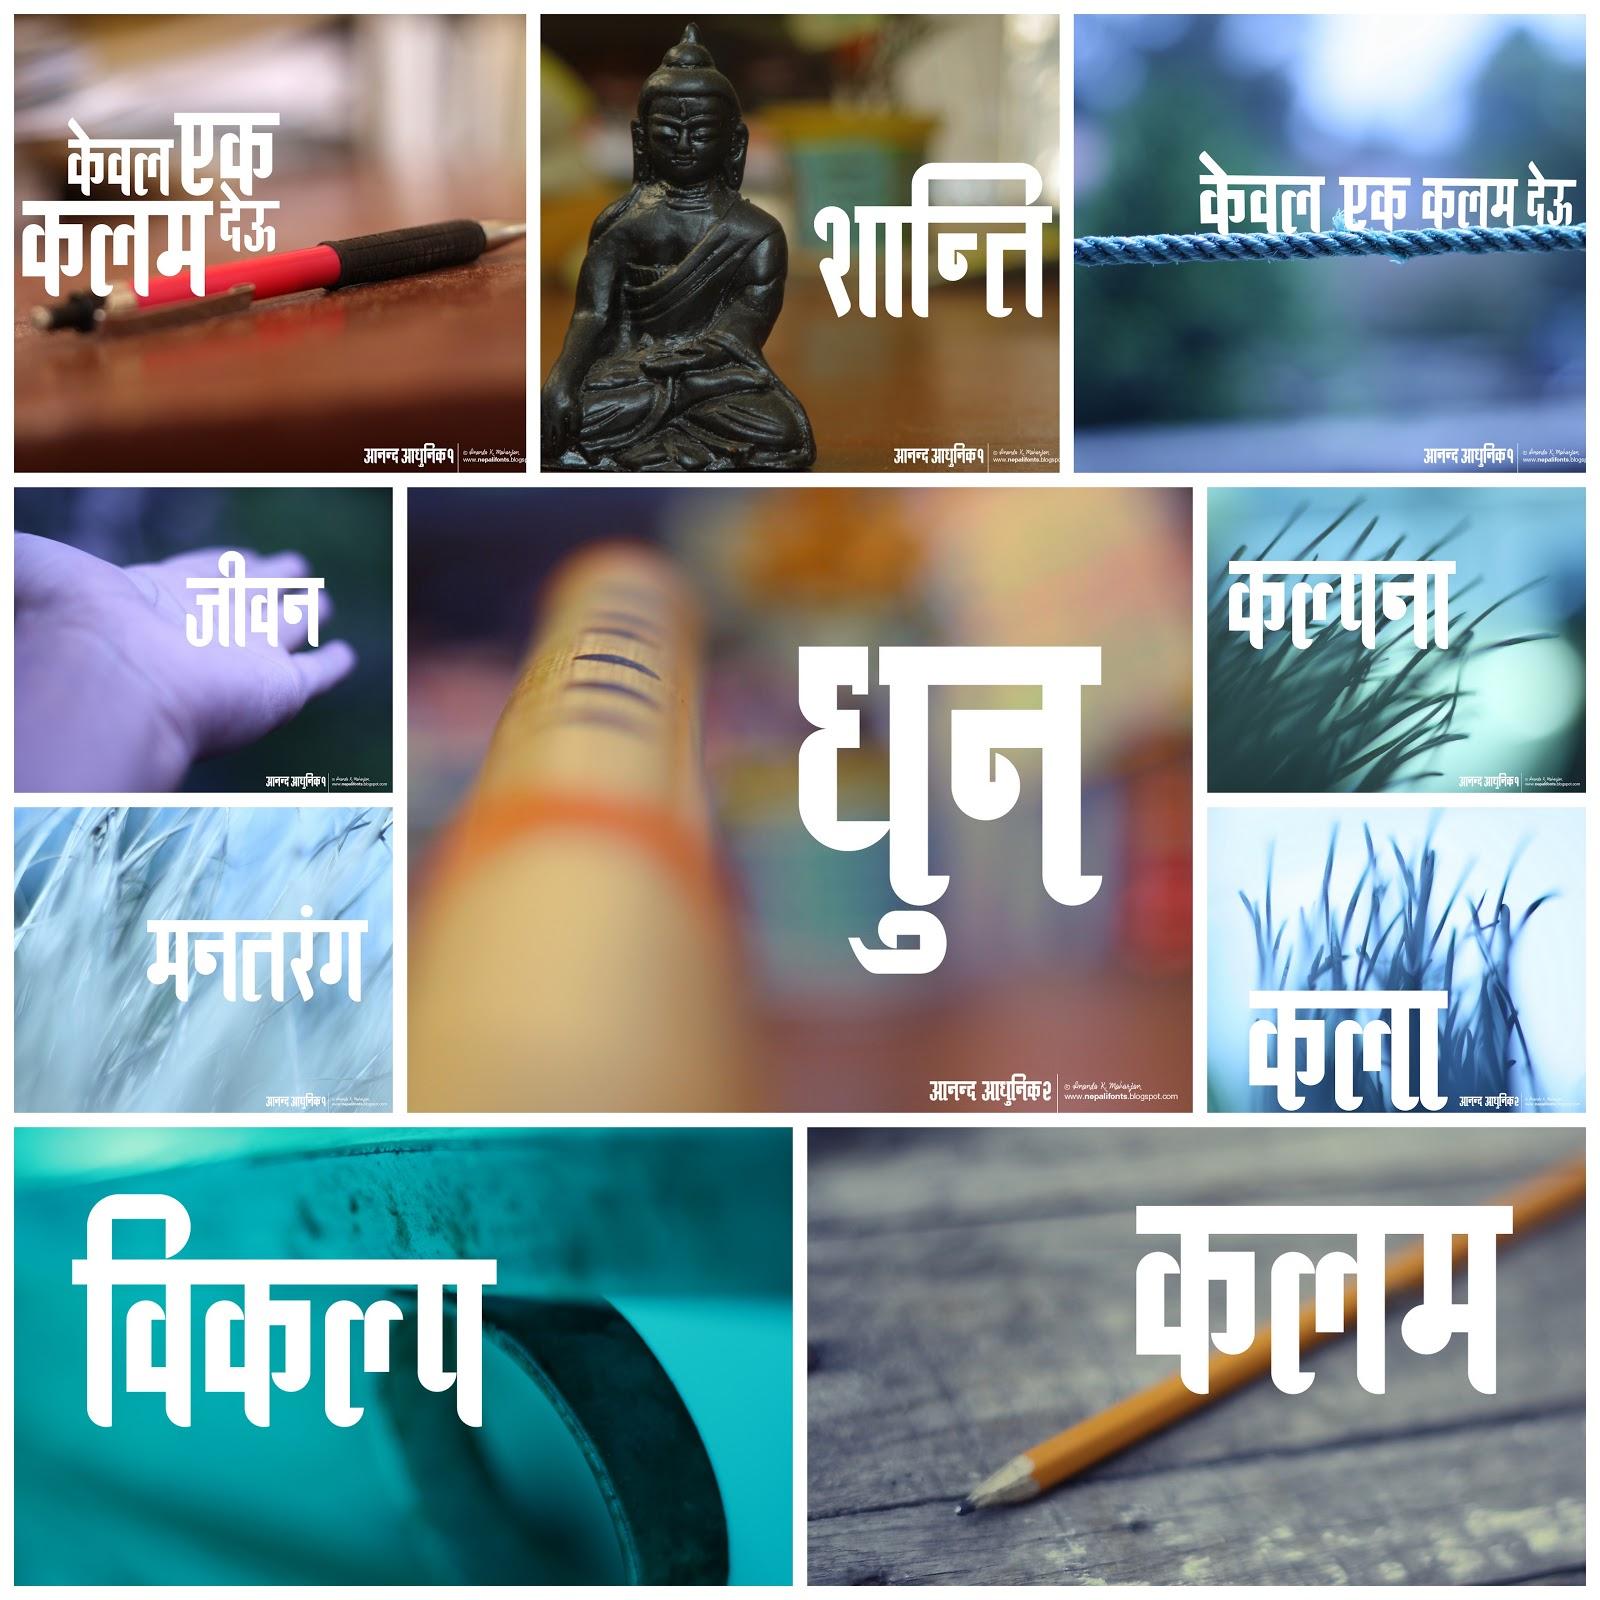 http://1.bp.blogspot.com/-M9L4aSdZCOI/TxPEPZuwUZI/AAAAAAAACL0/RQH1km3cKGM/s1600/Nepali+Typography+wallpapers+-+Adhunik.jpg